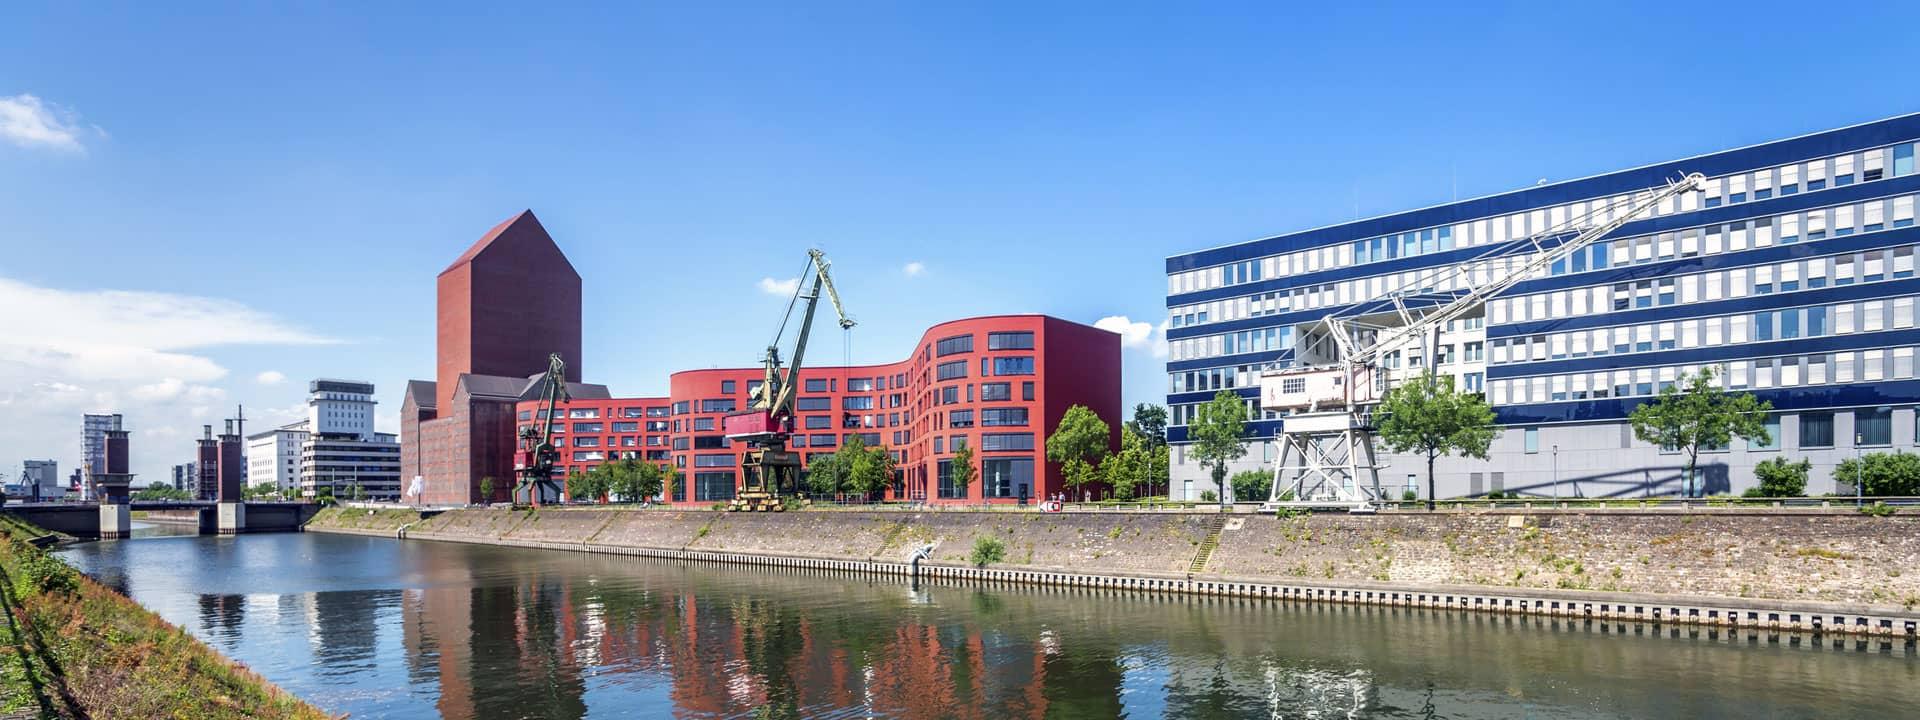 Webdesign für Duisburg – Internet Agentur eyelikeit – visual solutions – Duisburg Hafen